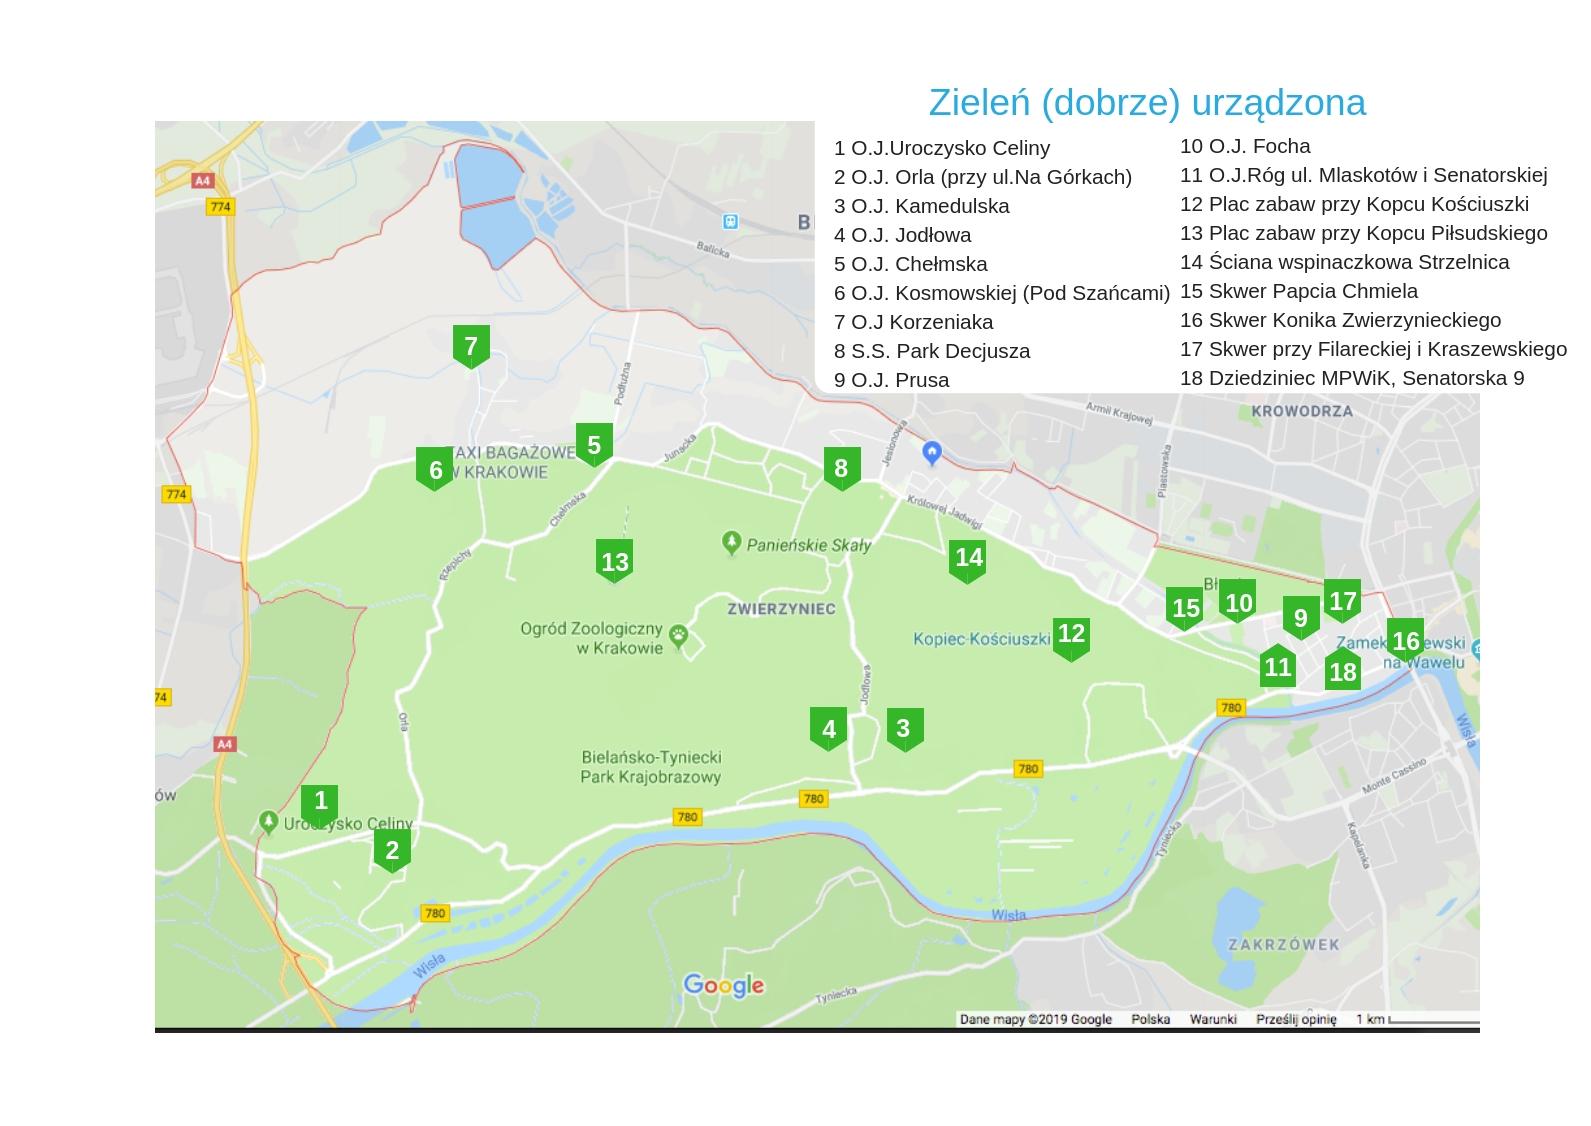 mapka terenów zielonych